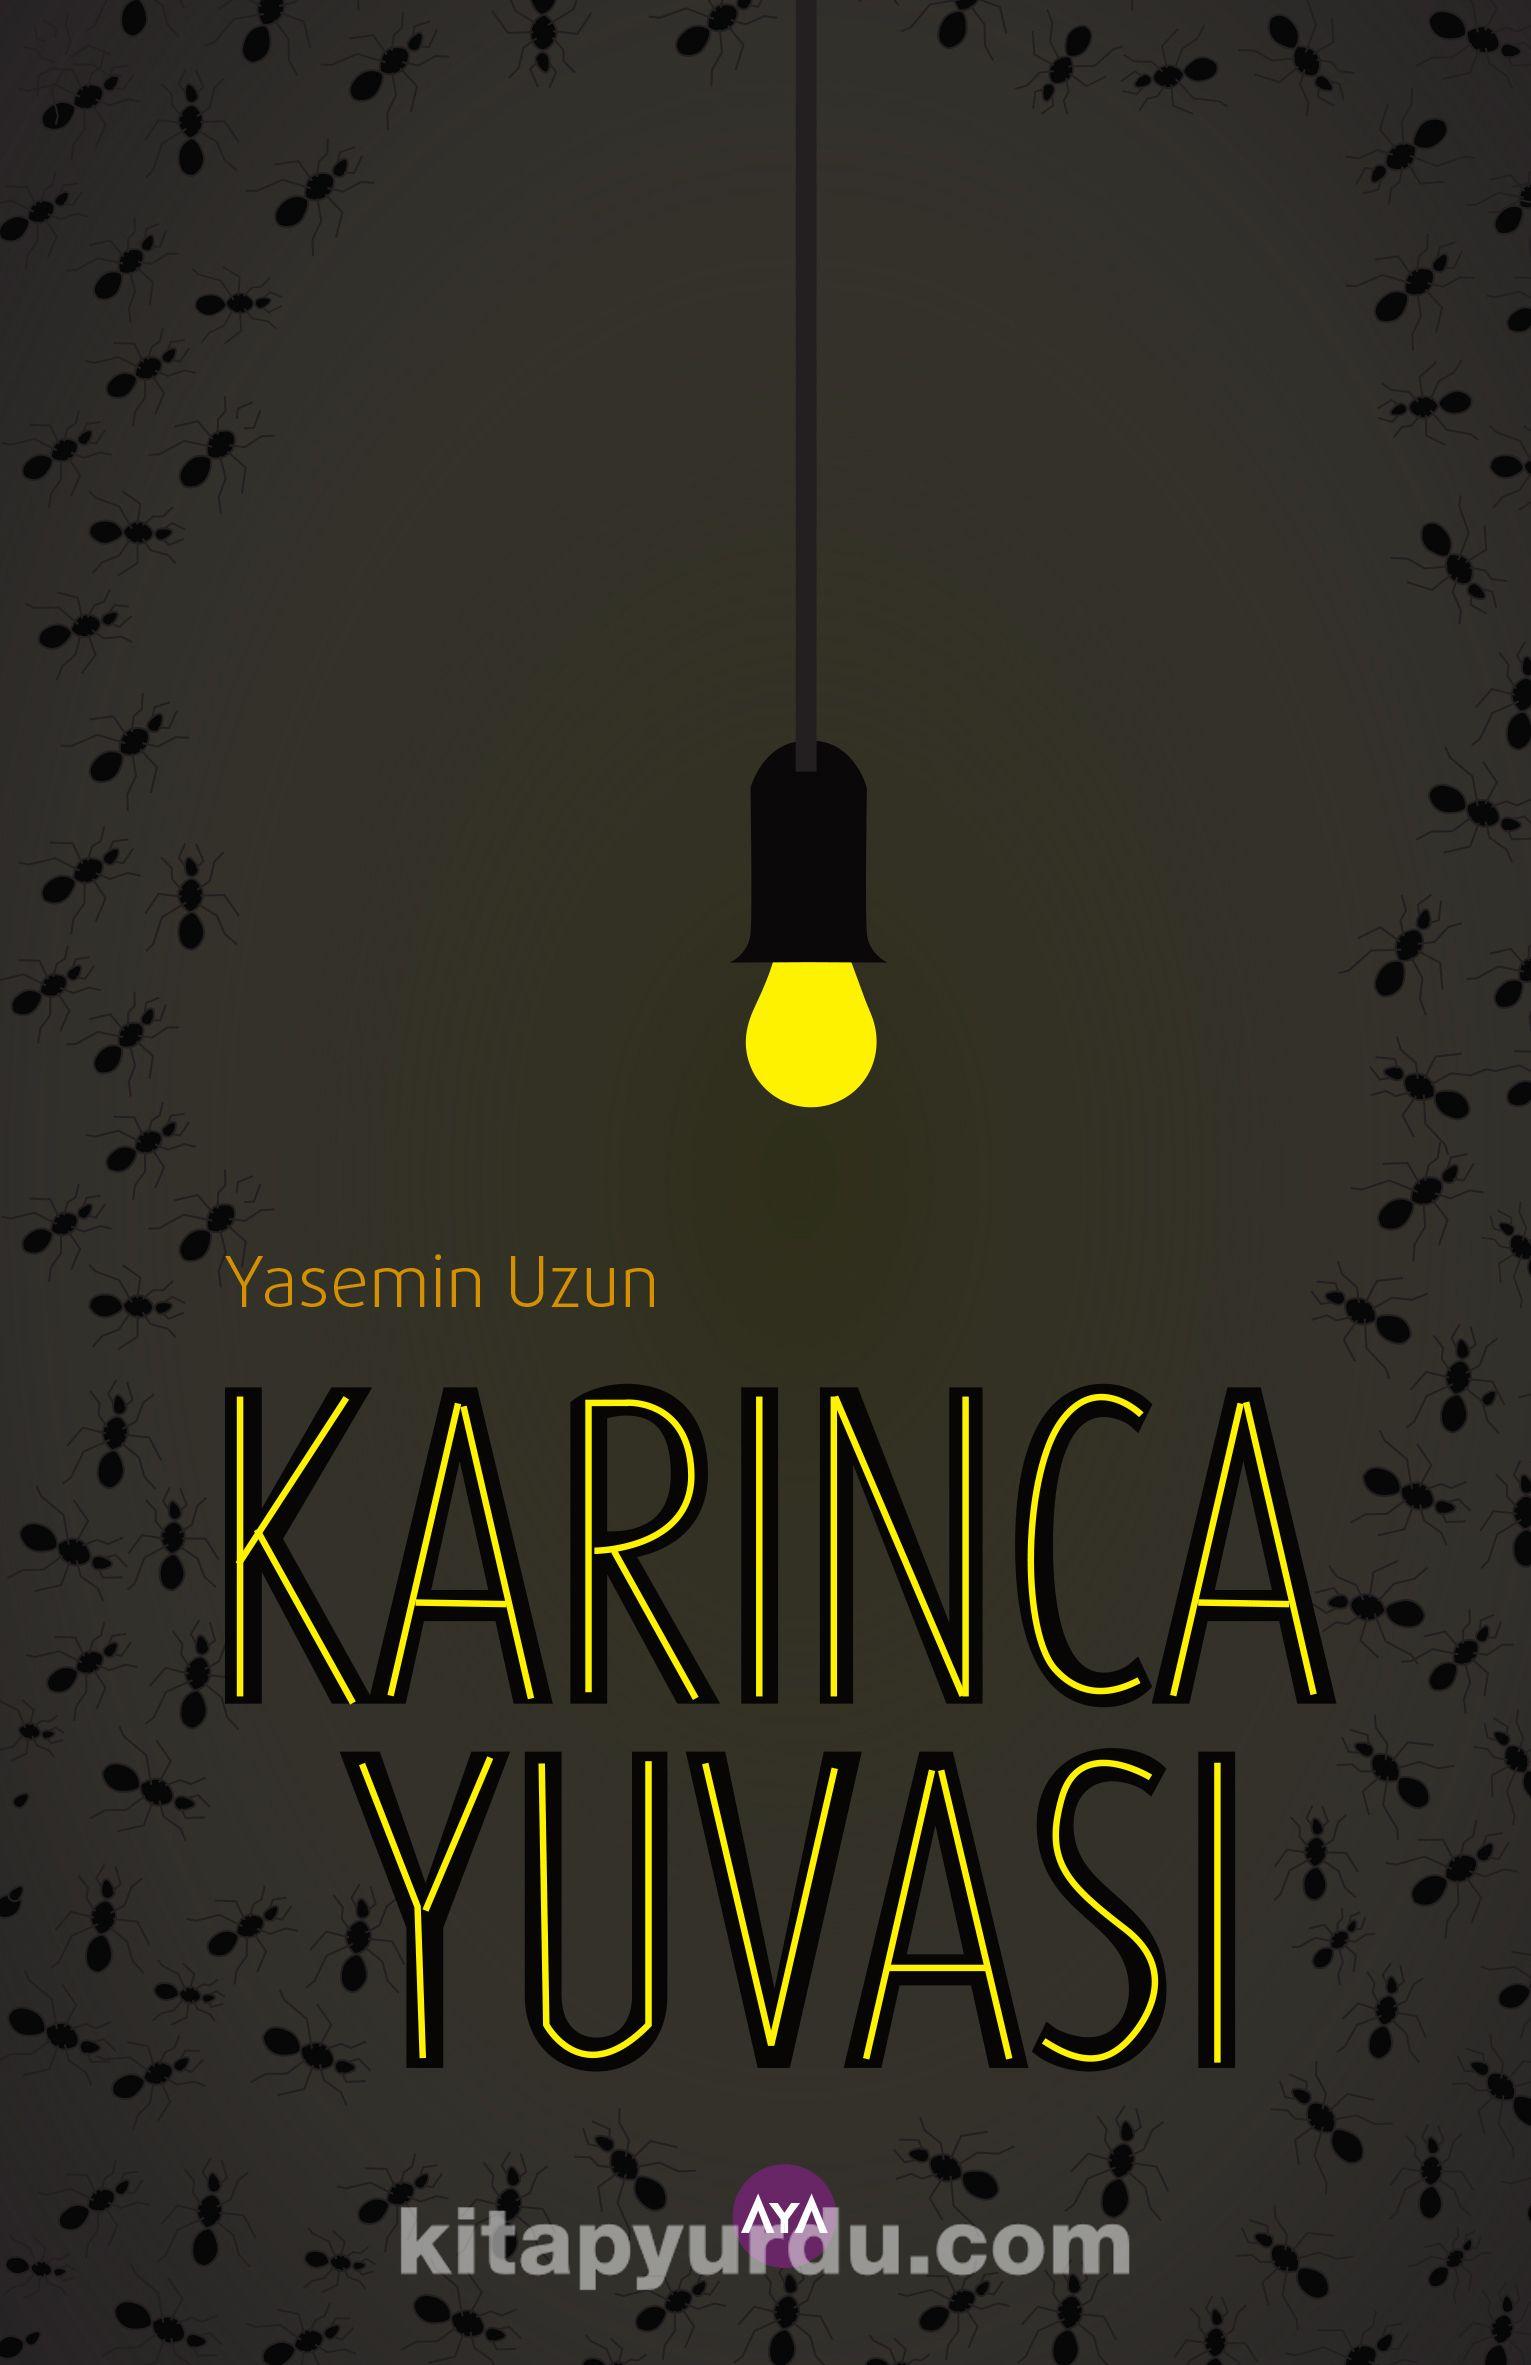 Karinca Yuvasi Yasemin Uzun Kitapyurdu Com